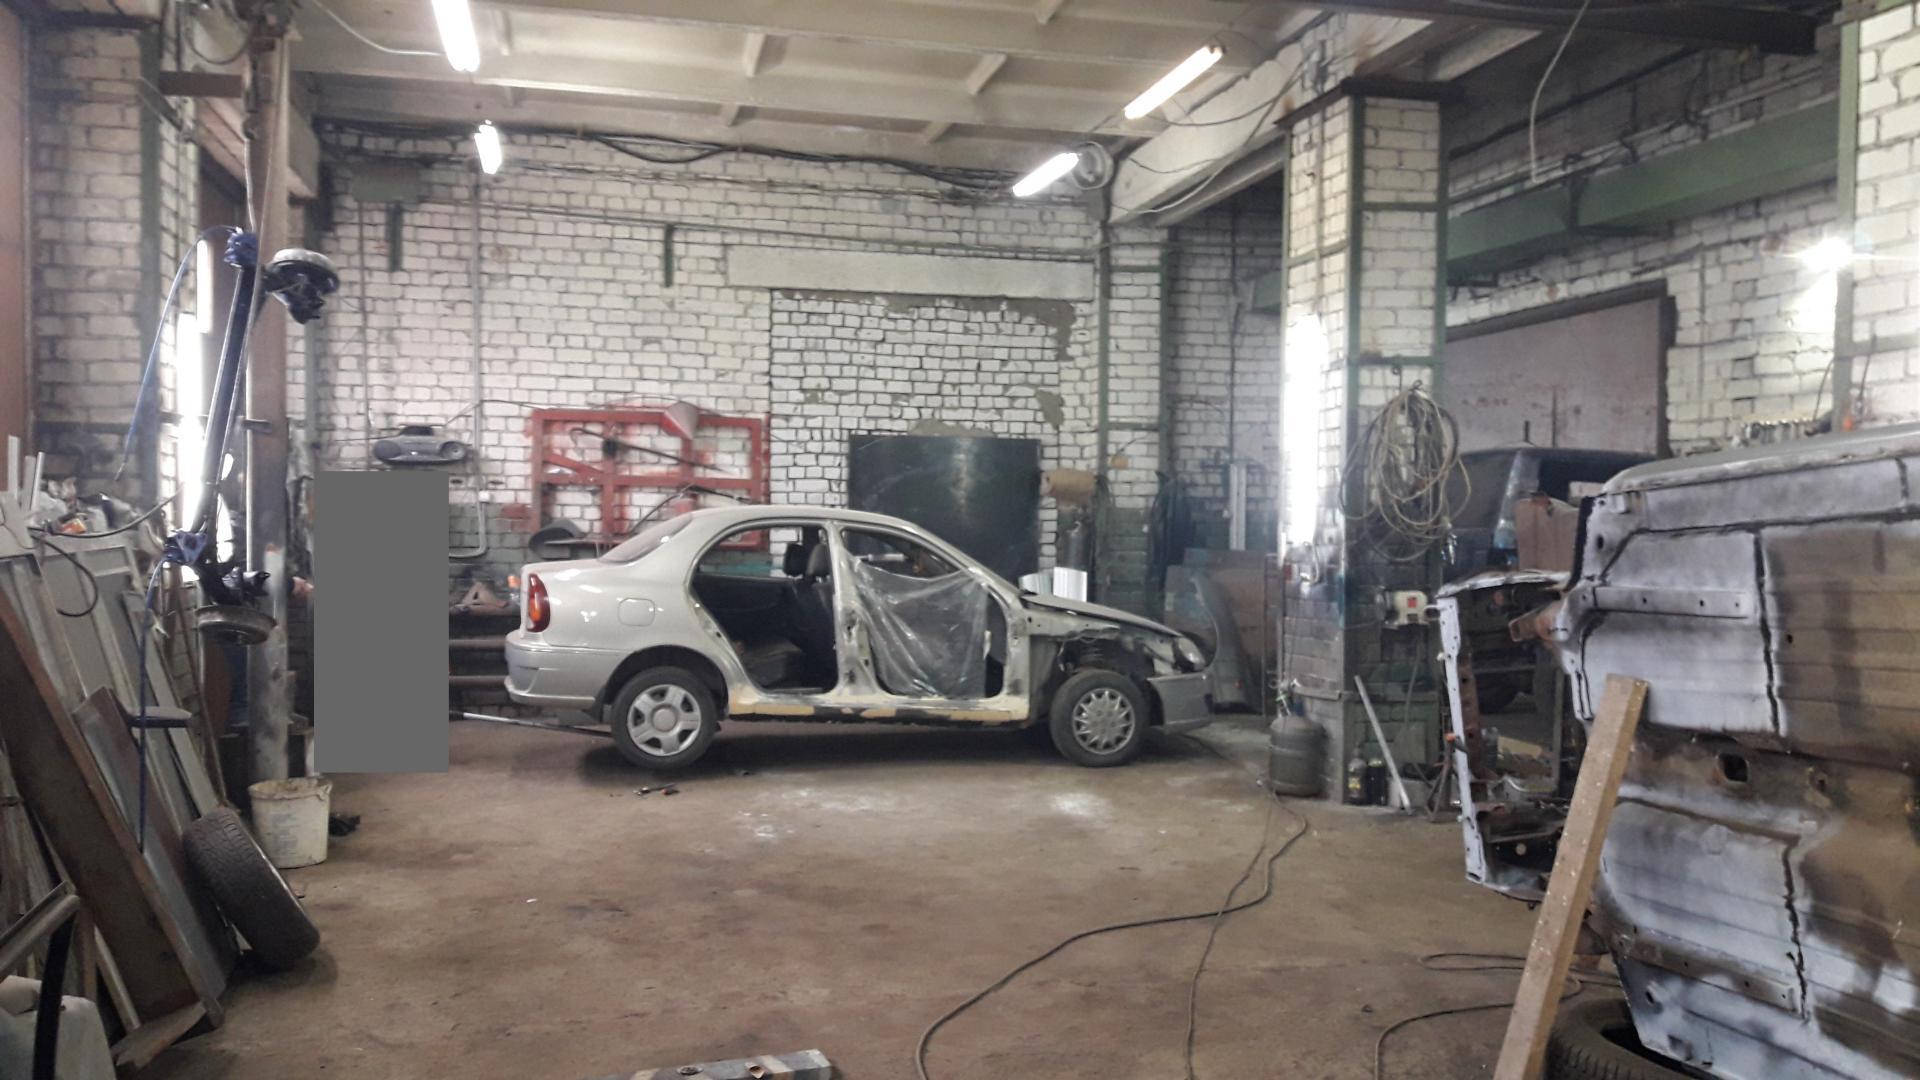 Manufacturing в аренду по адресу Россия, Тверская область, городской округ Тверь, Тверь, Коняевская улица, 12